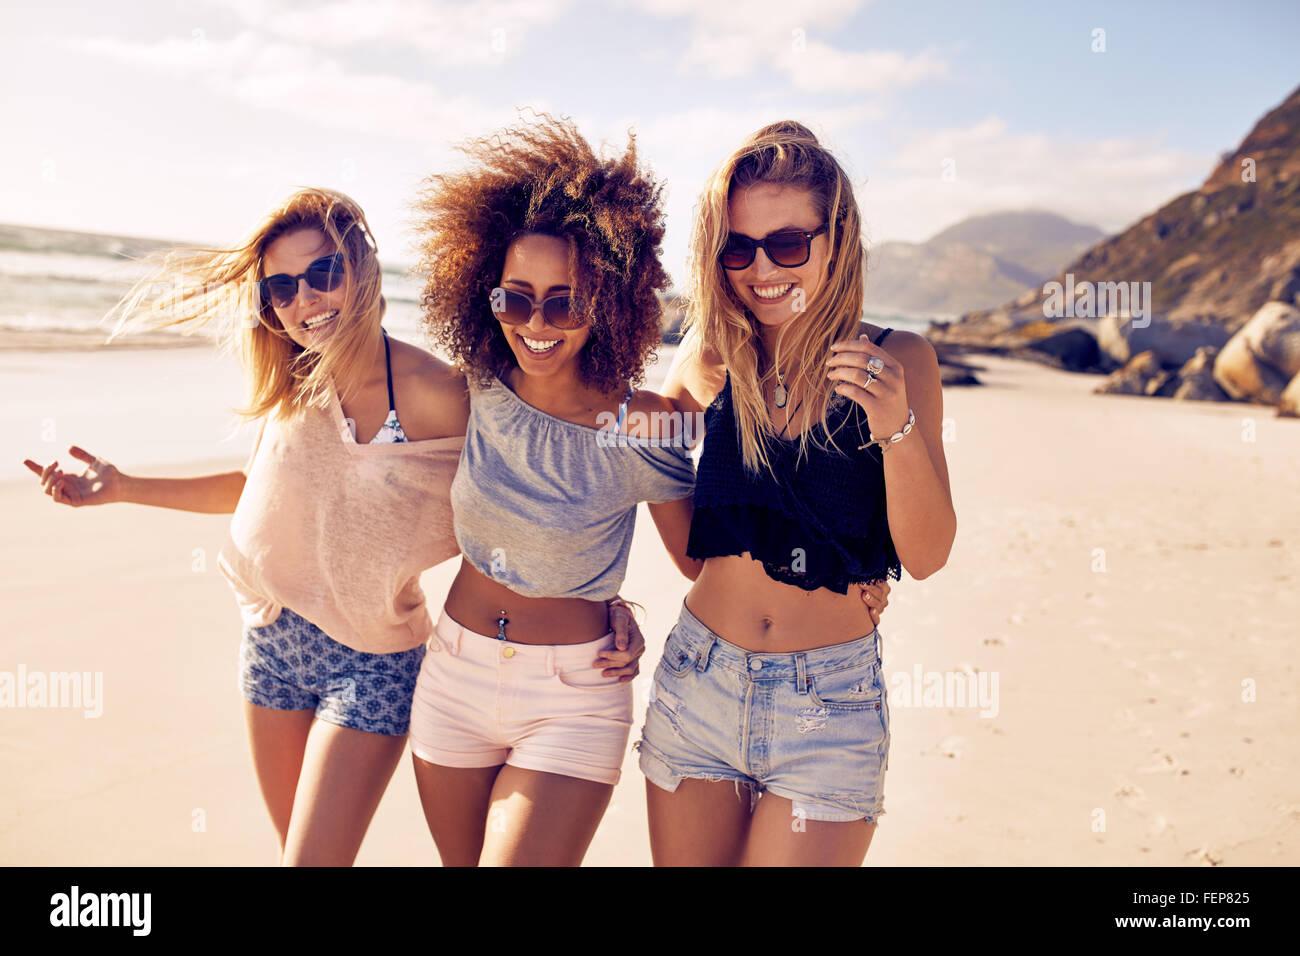 Retrato de tres amigas jóvenes caminando por la orilla del mar mirando a la cámara riendo. Las mujeres Imagen De Stock